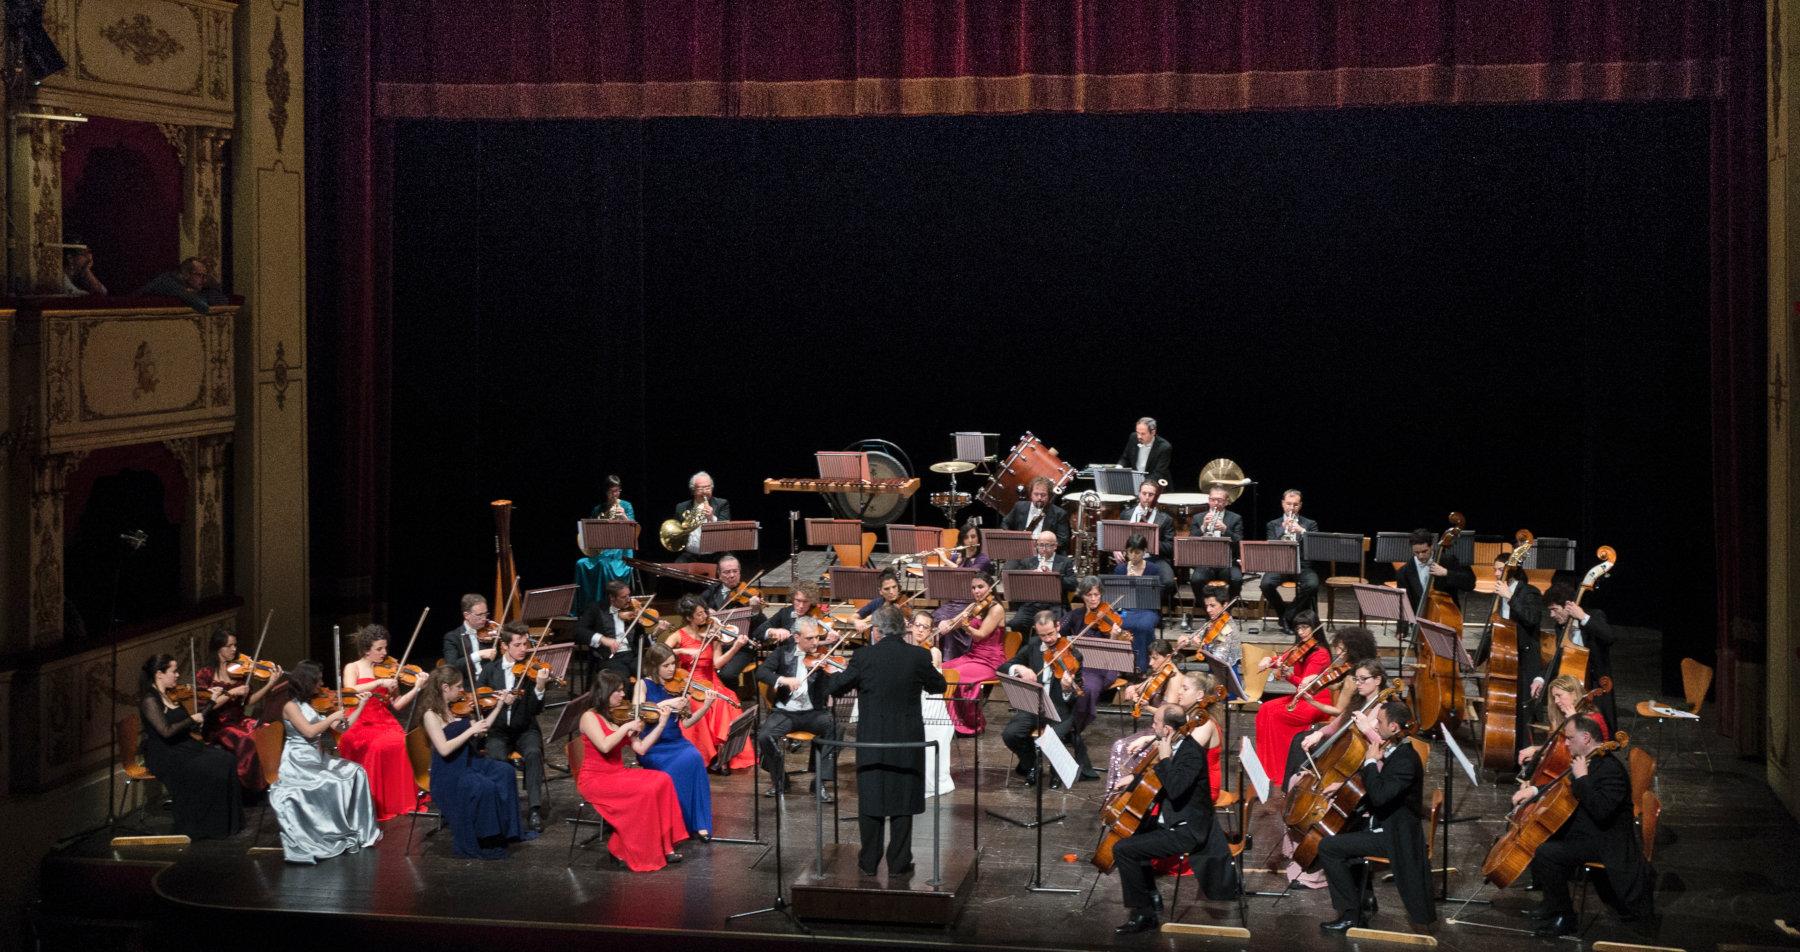 Concerto inaugurale della Filarmonica Gioachino Rossini